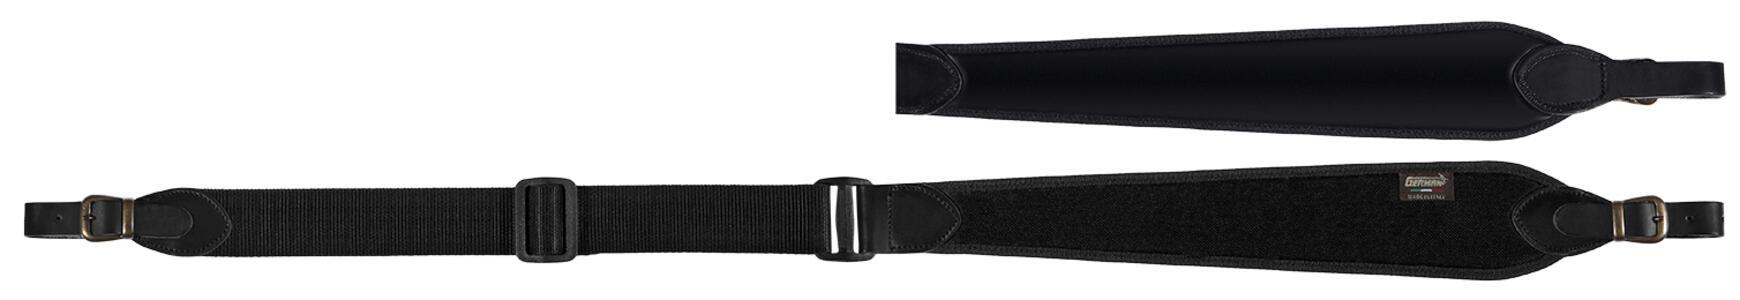 Bretella per carabina registrabile cm. 90>110 colore nero